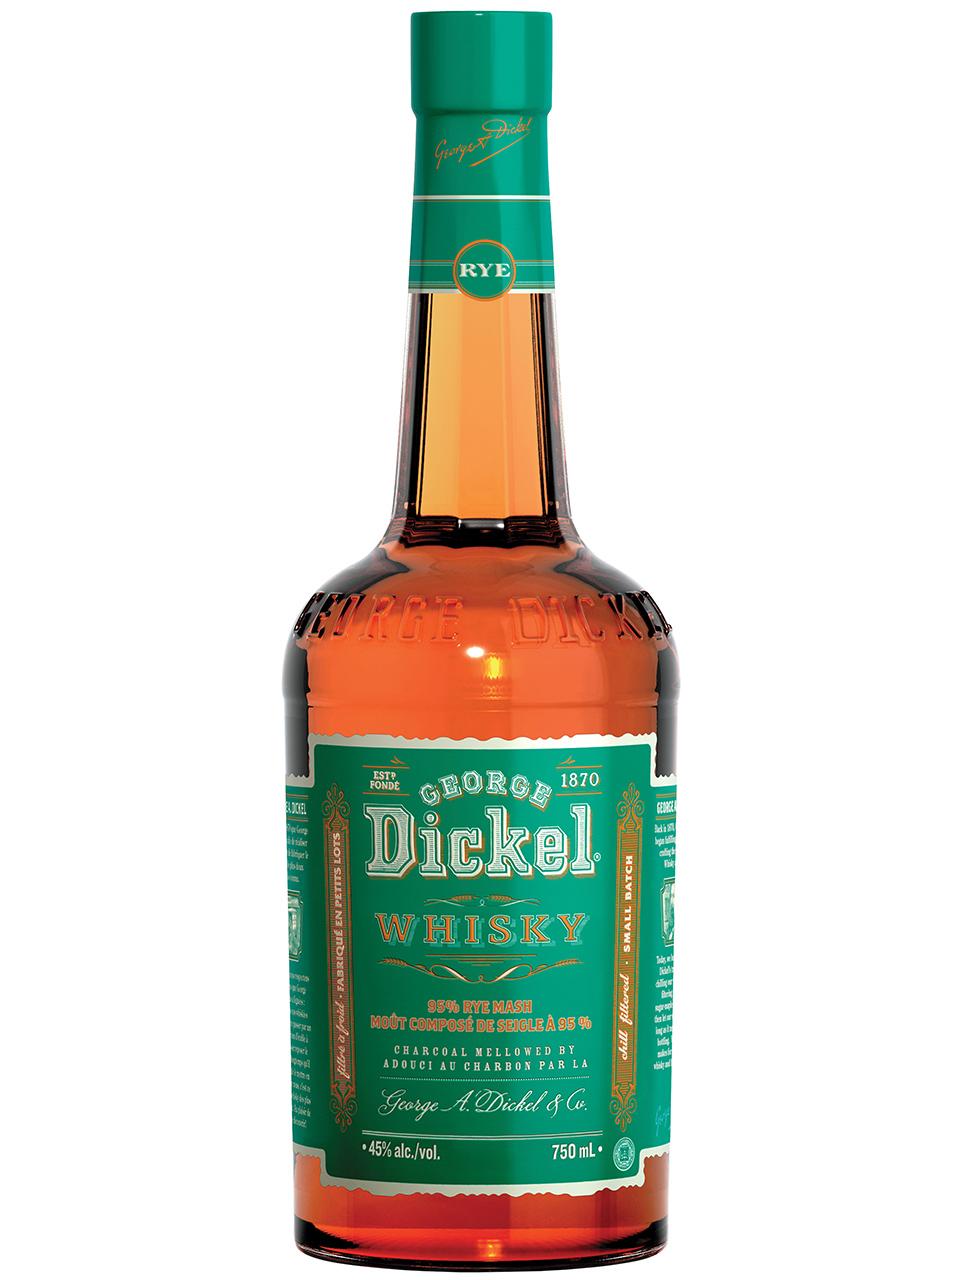 George Dickel Tennessee Rye Whisky